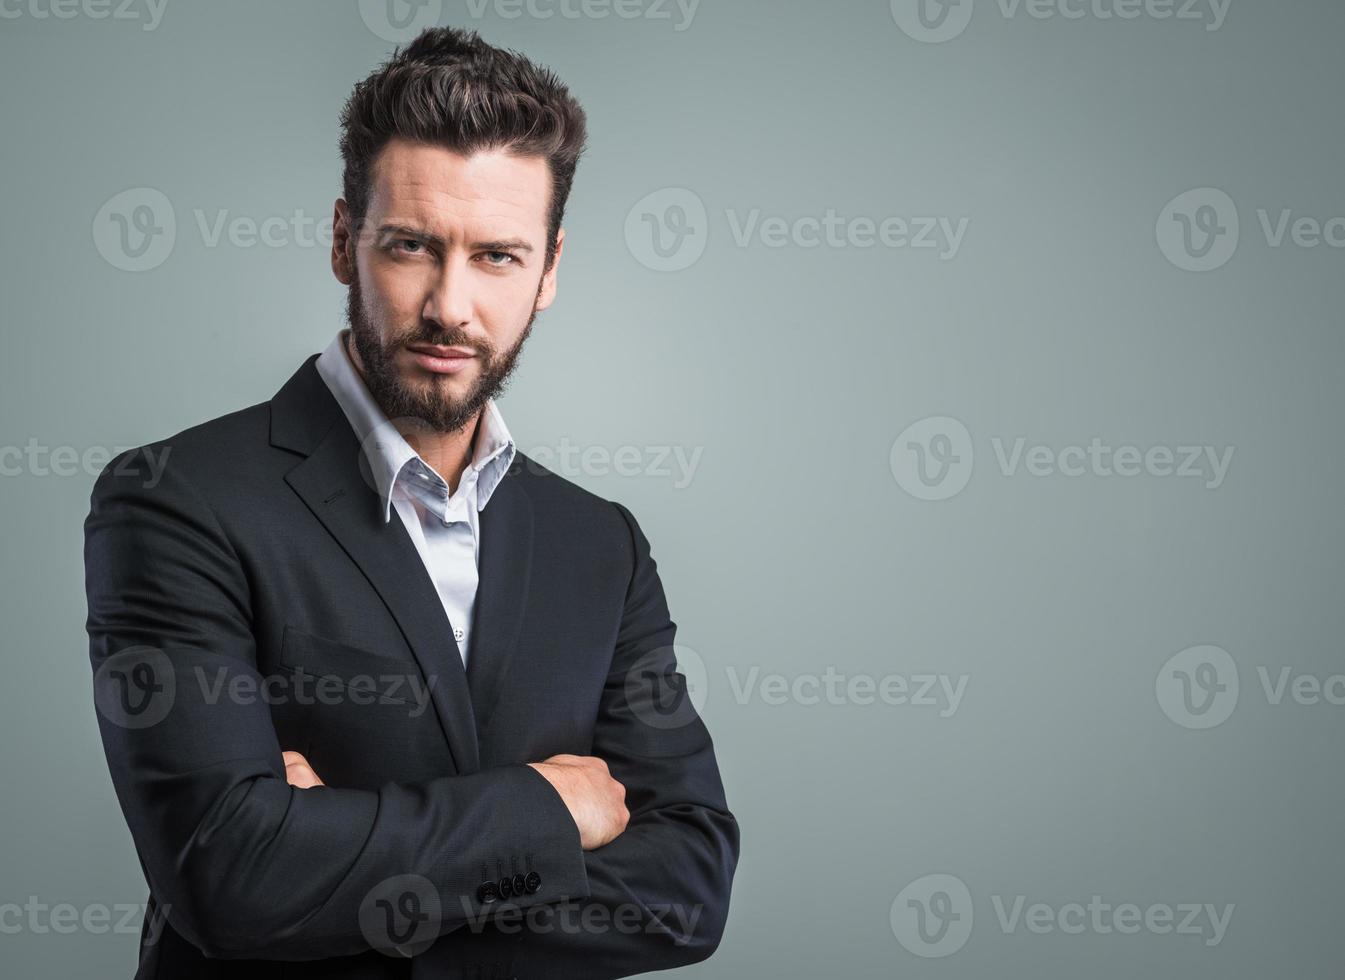 selbstbewusster junger Geschäftsmann posiert foto